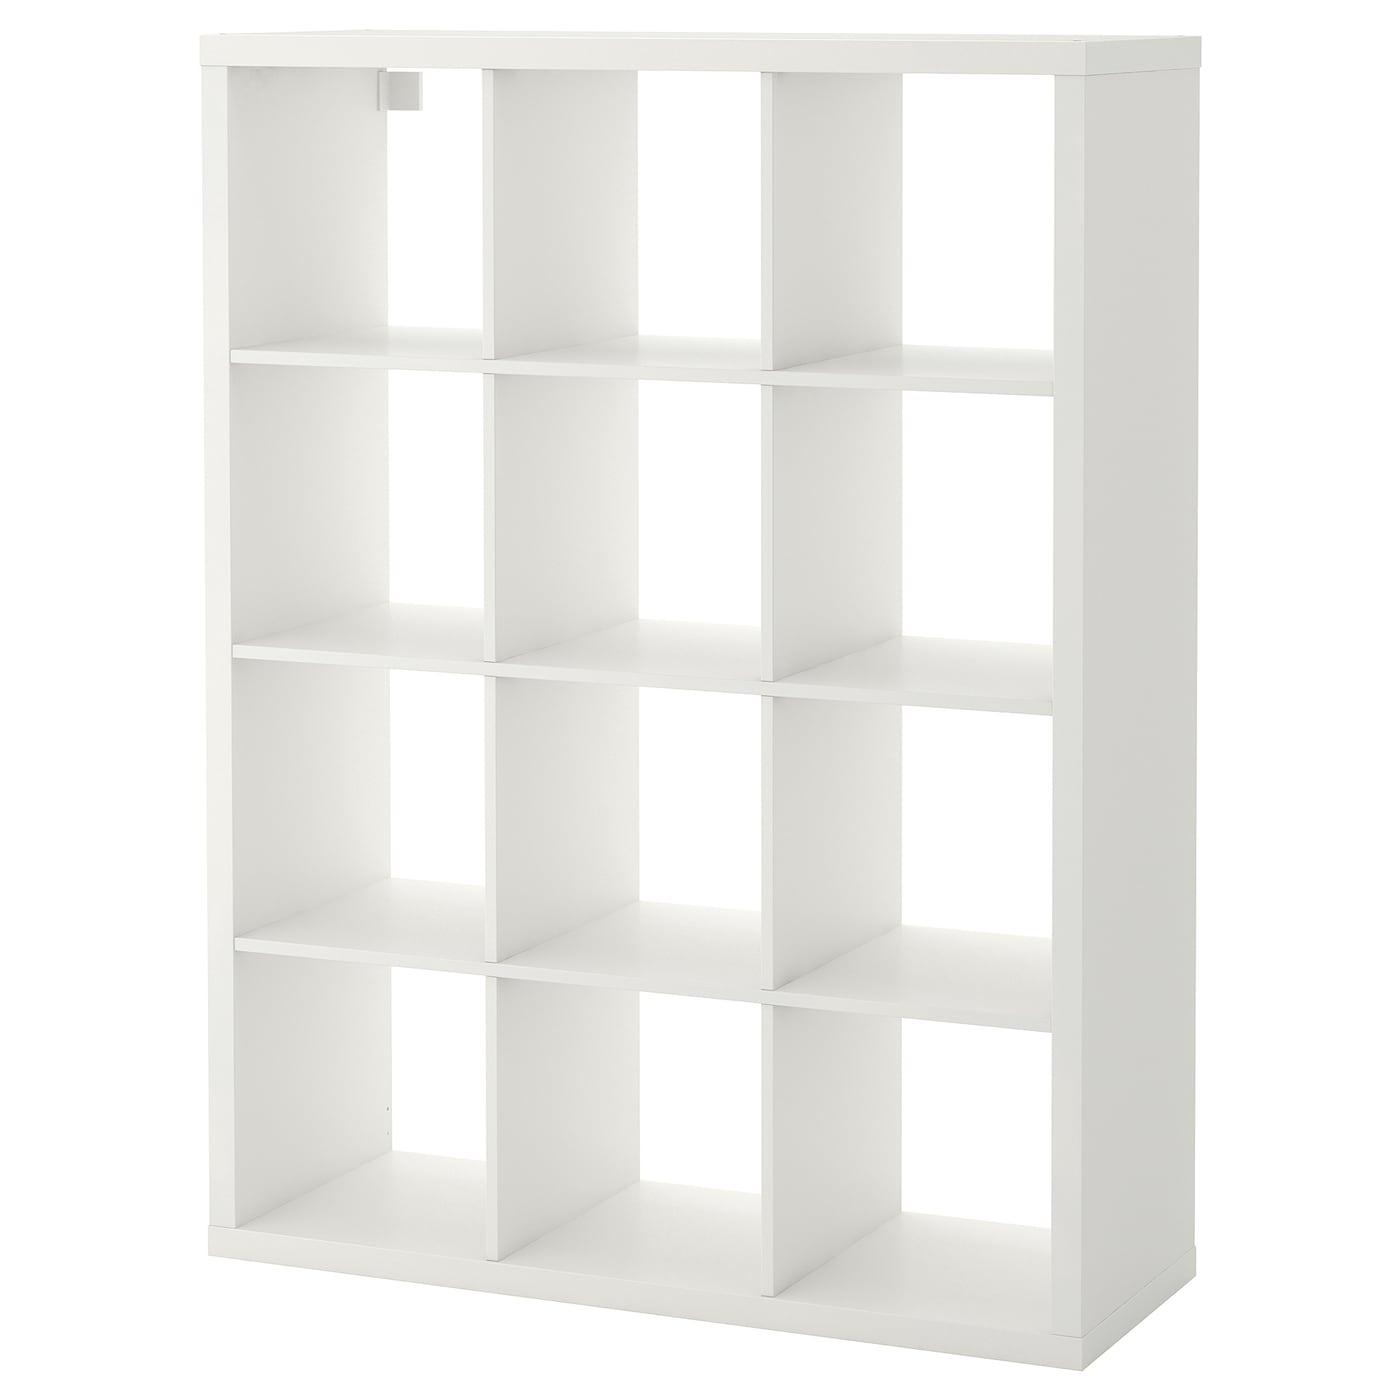 kallax Étagère blanc 112 x 147 cm - ikea